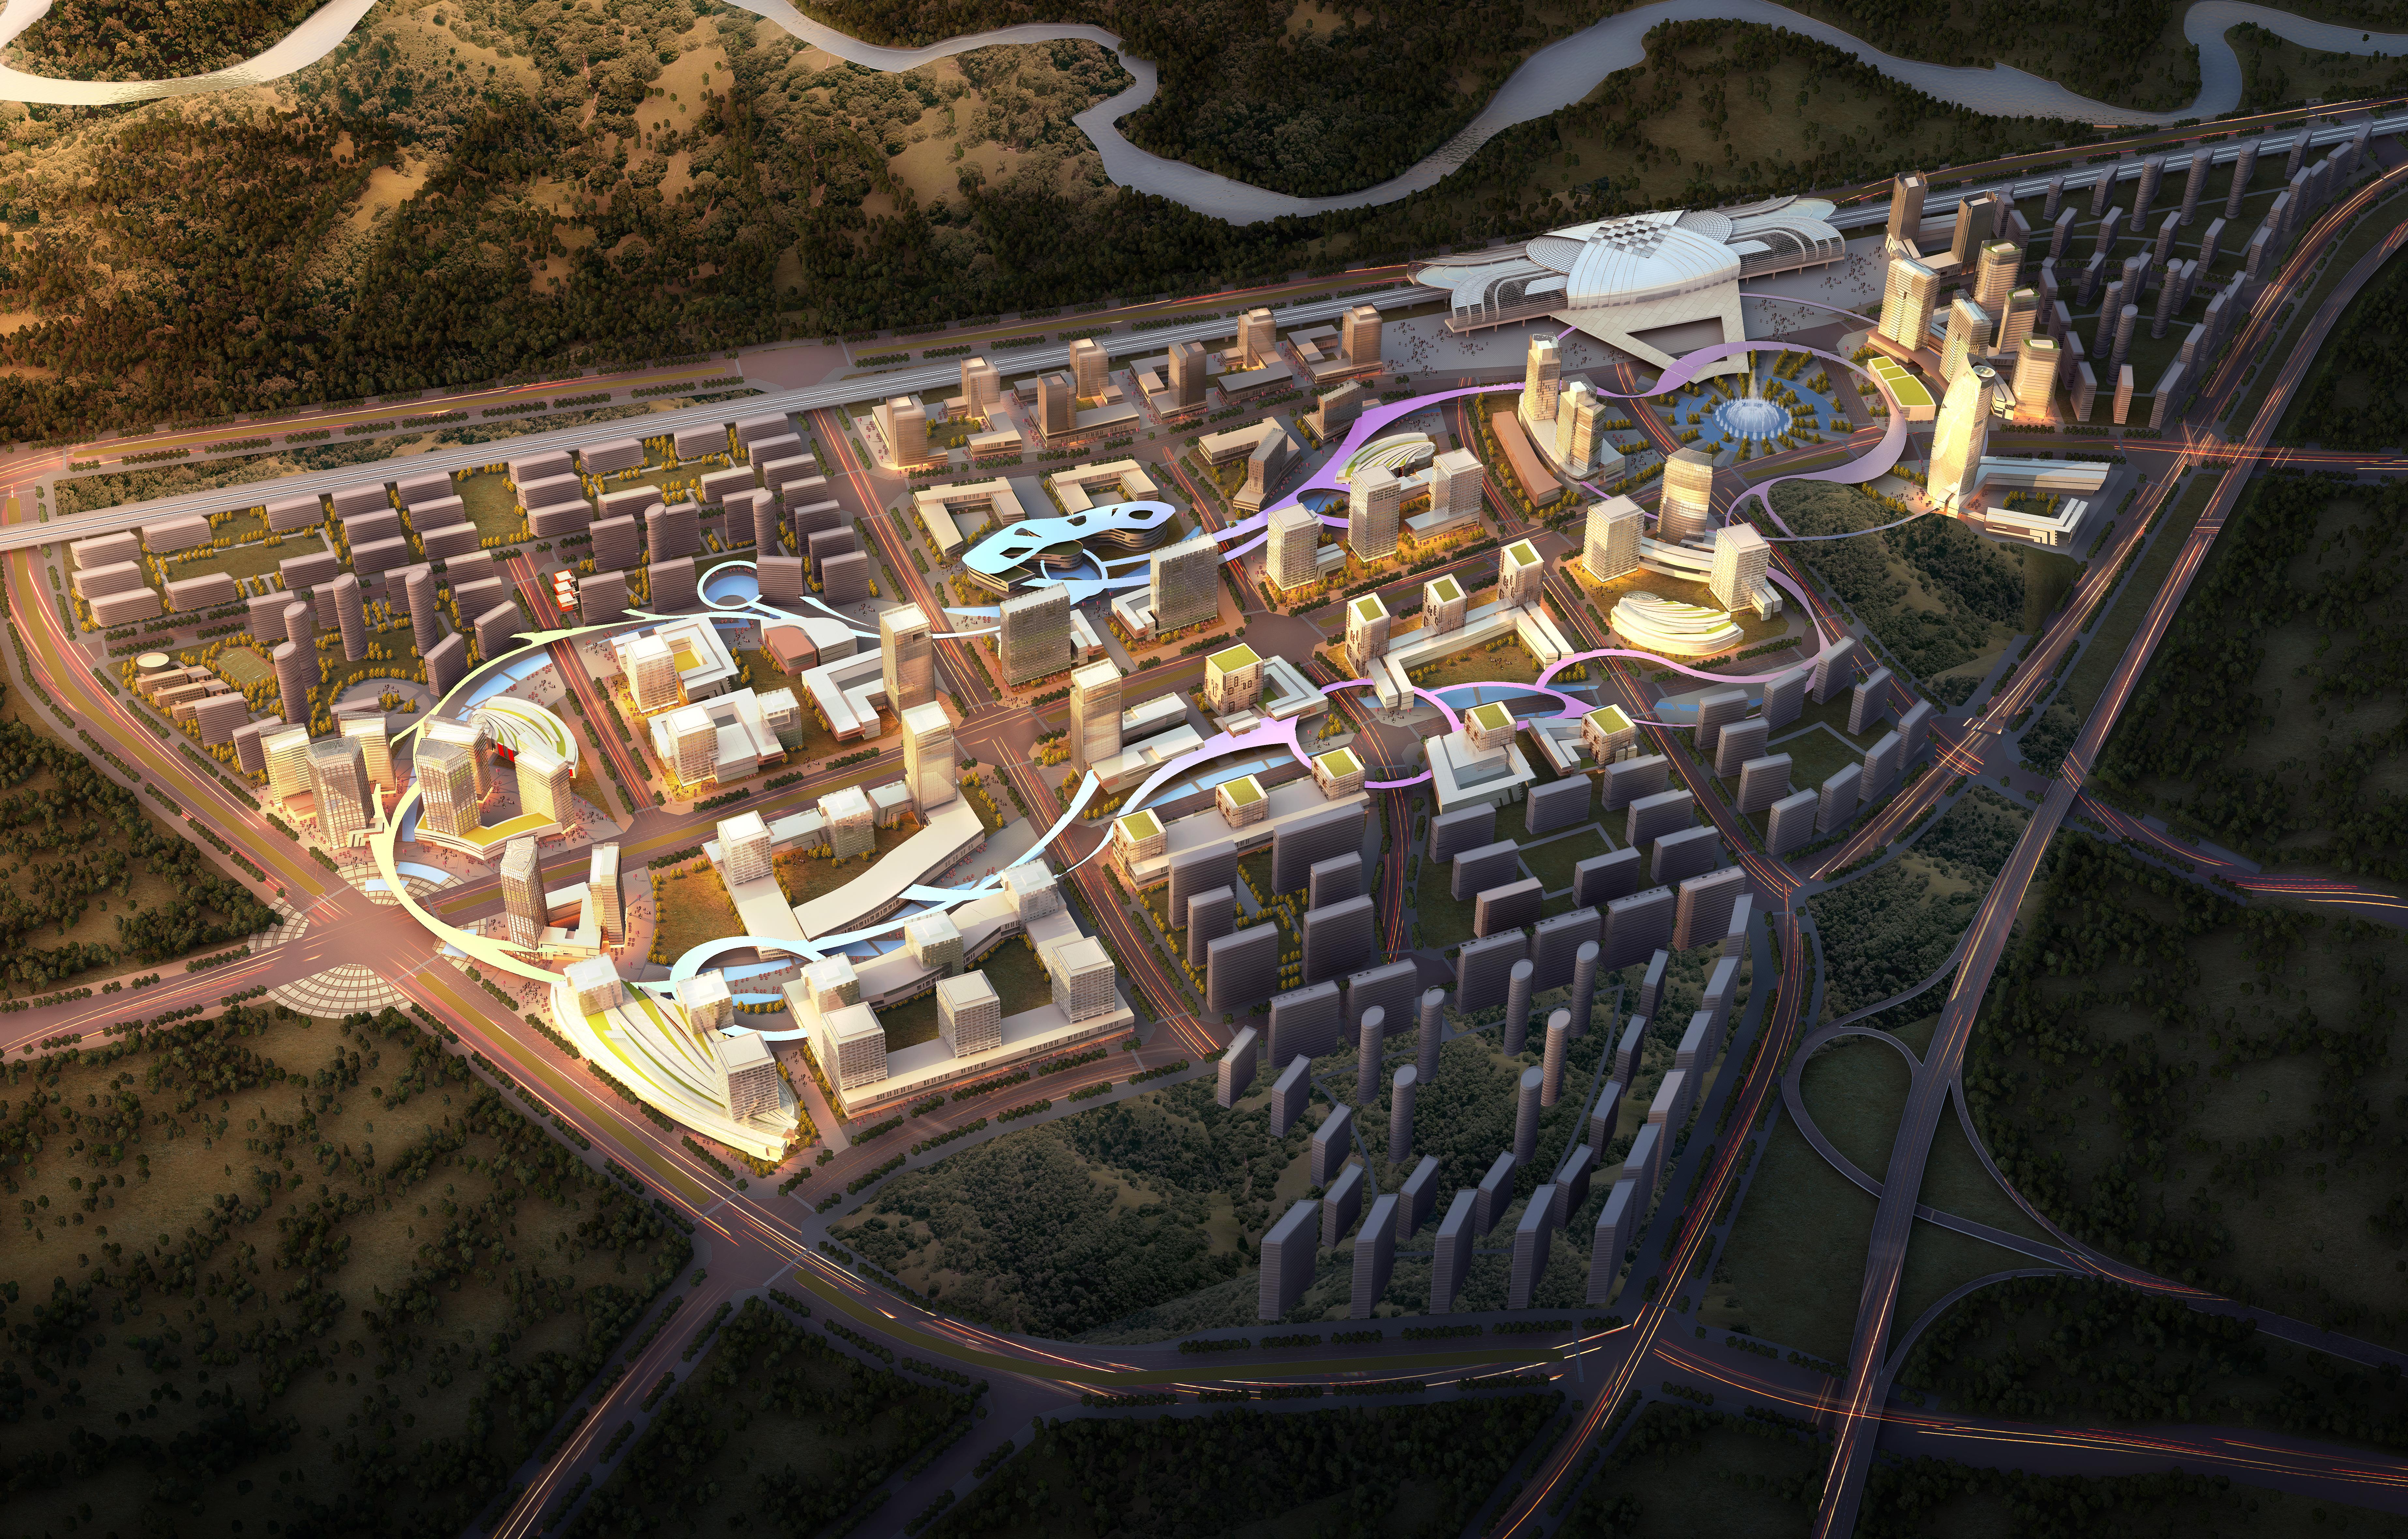 şəhər planlaşdırma 022 3d model max 205803